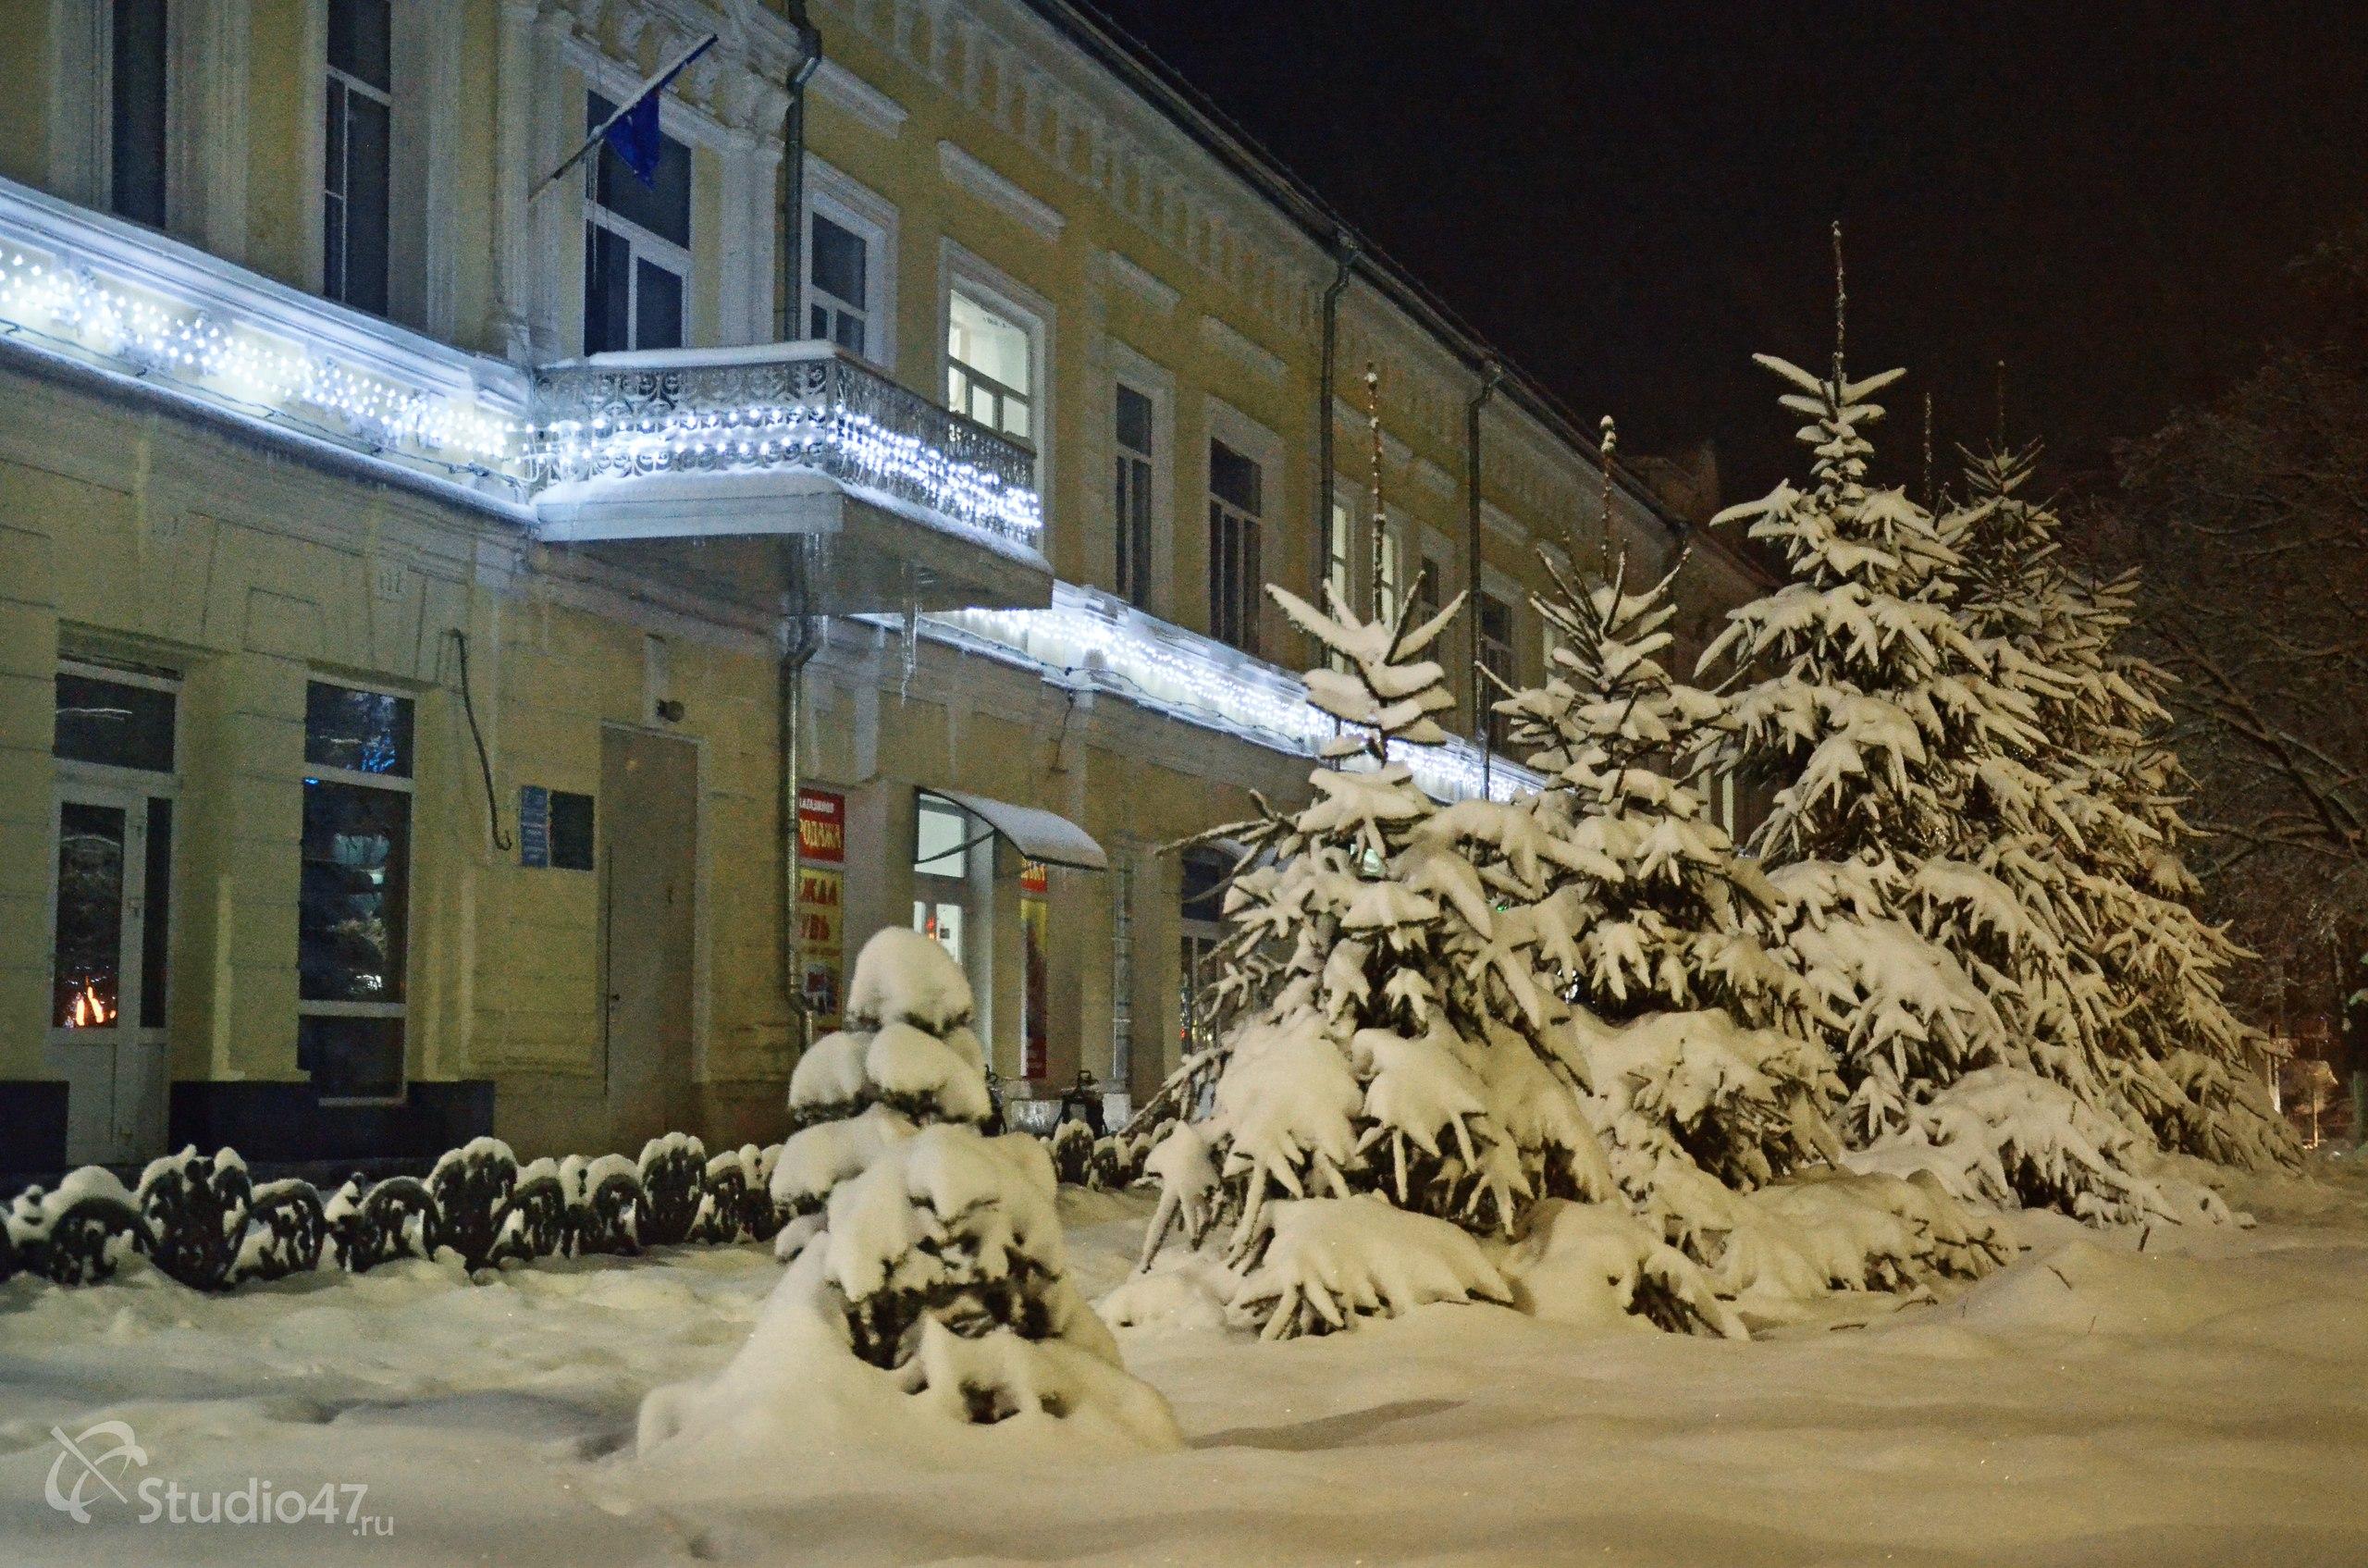 Новогоднее украшение зданий в центре города